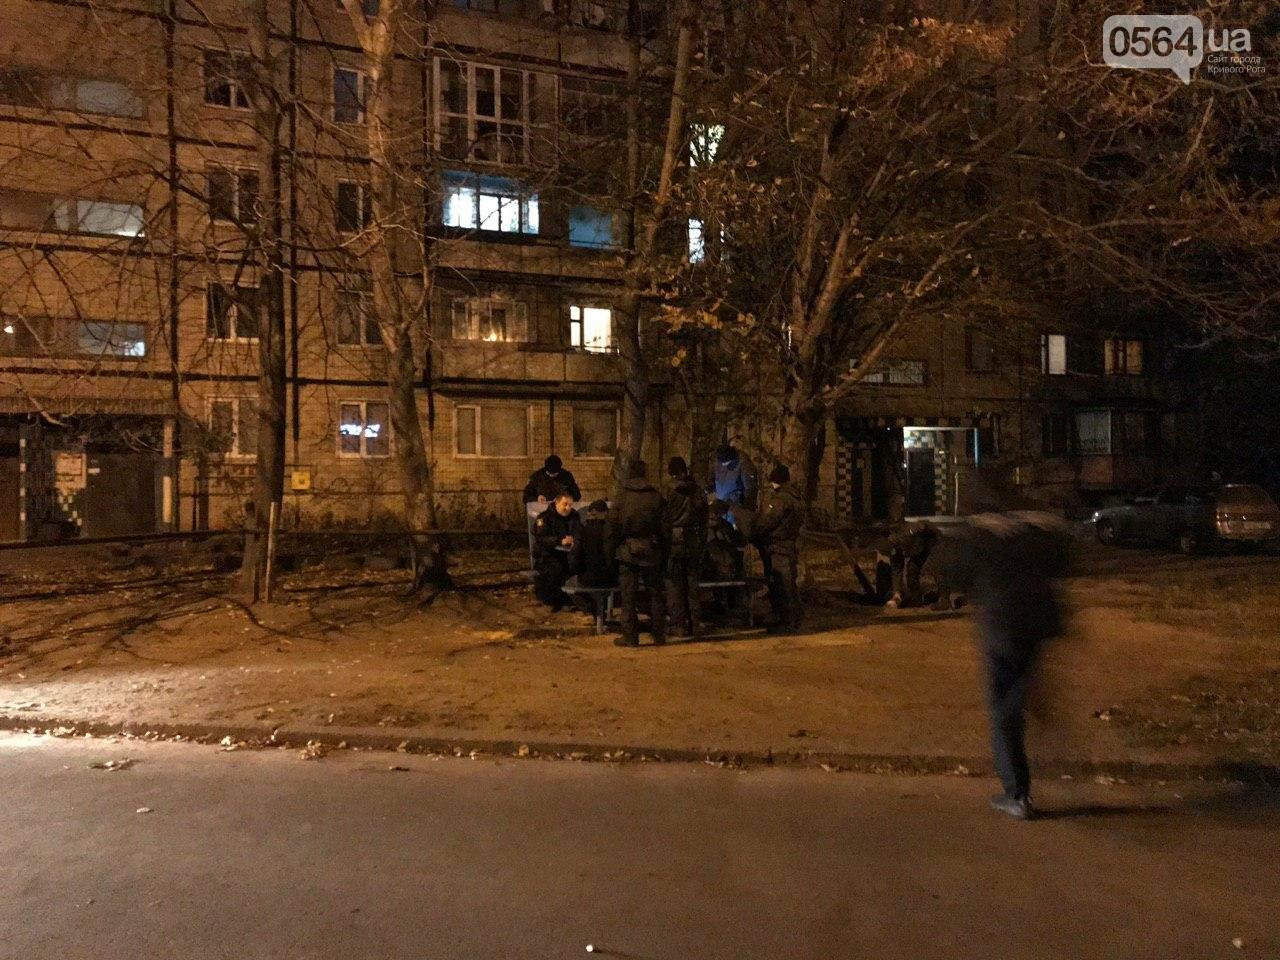 """""""Чувак нашел закладку и мы его задержали"""": криворожане стали очевидцами задержания наркозависимого, - ФОТО , фото-7"""